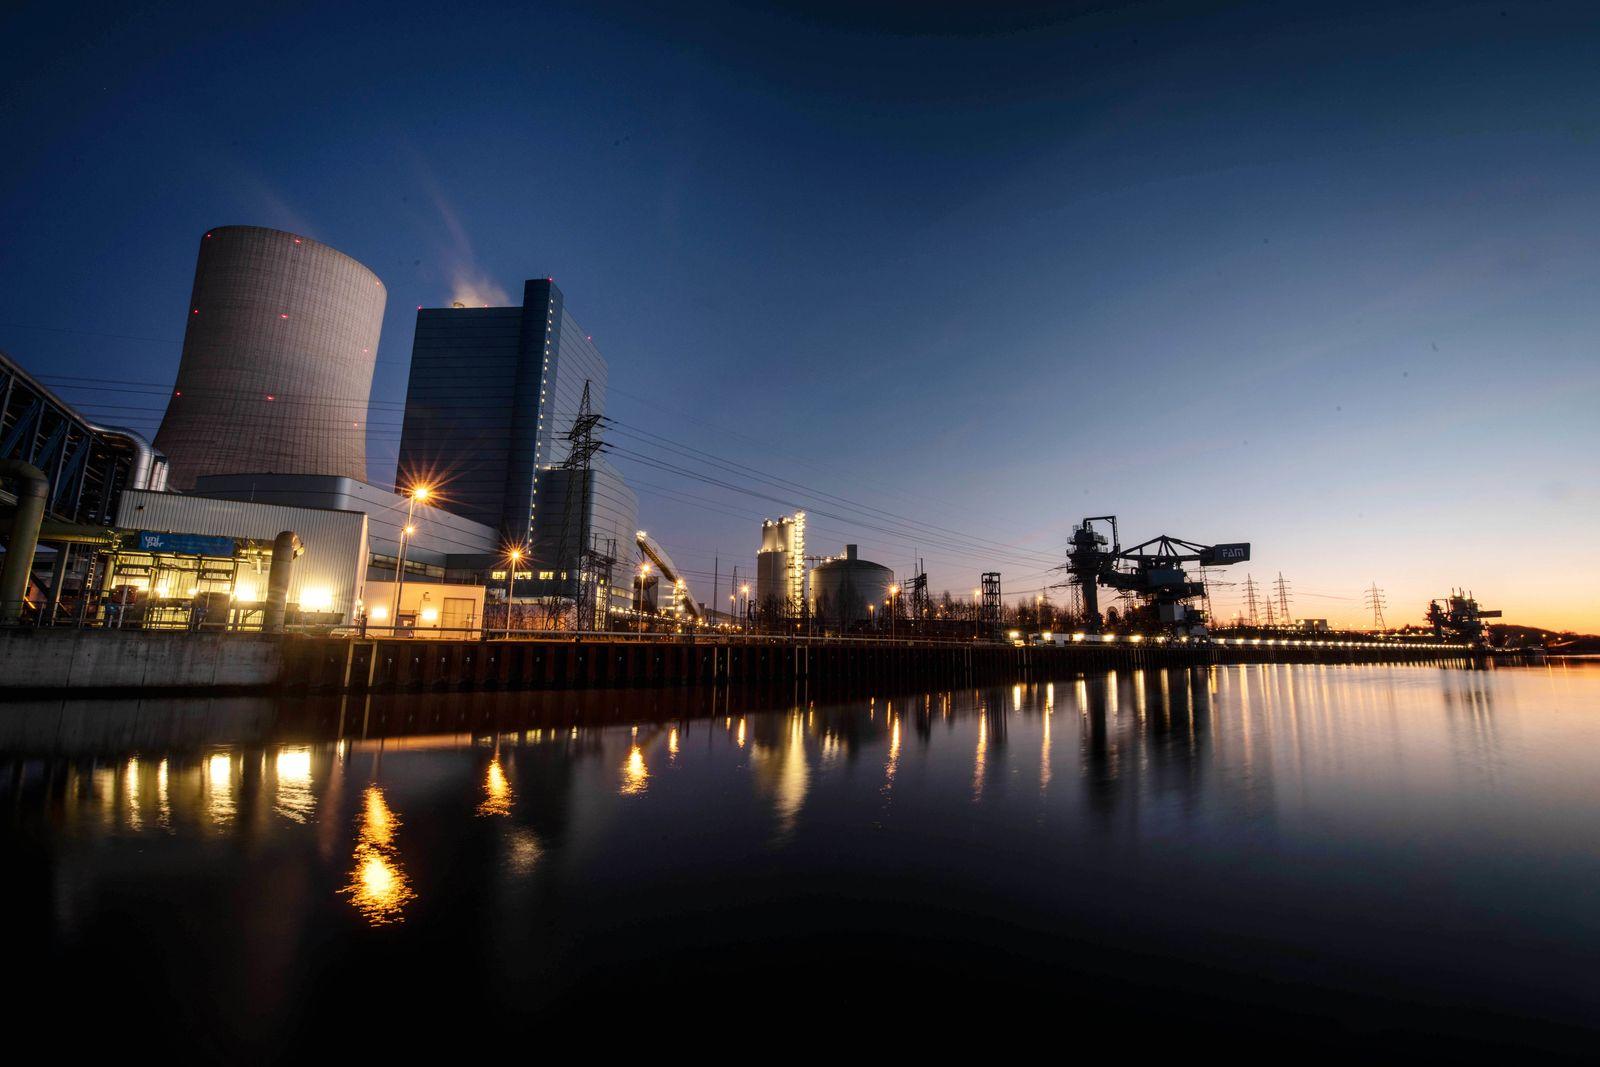 Uniper Kohle-Kraftwerk Datten 4